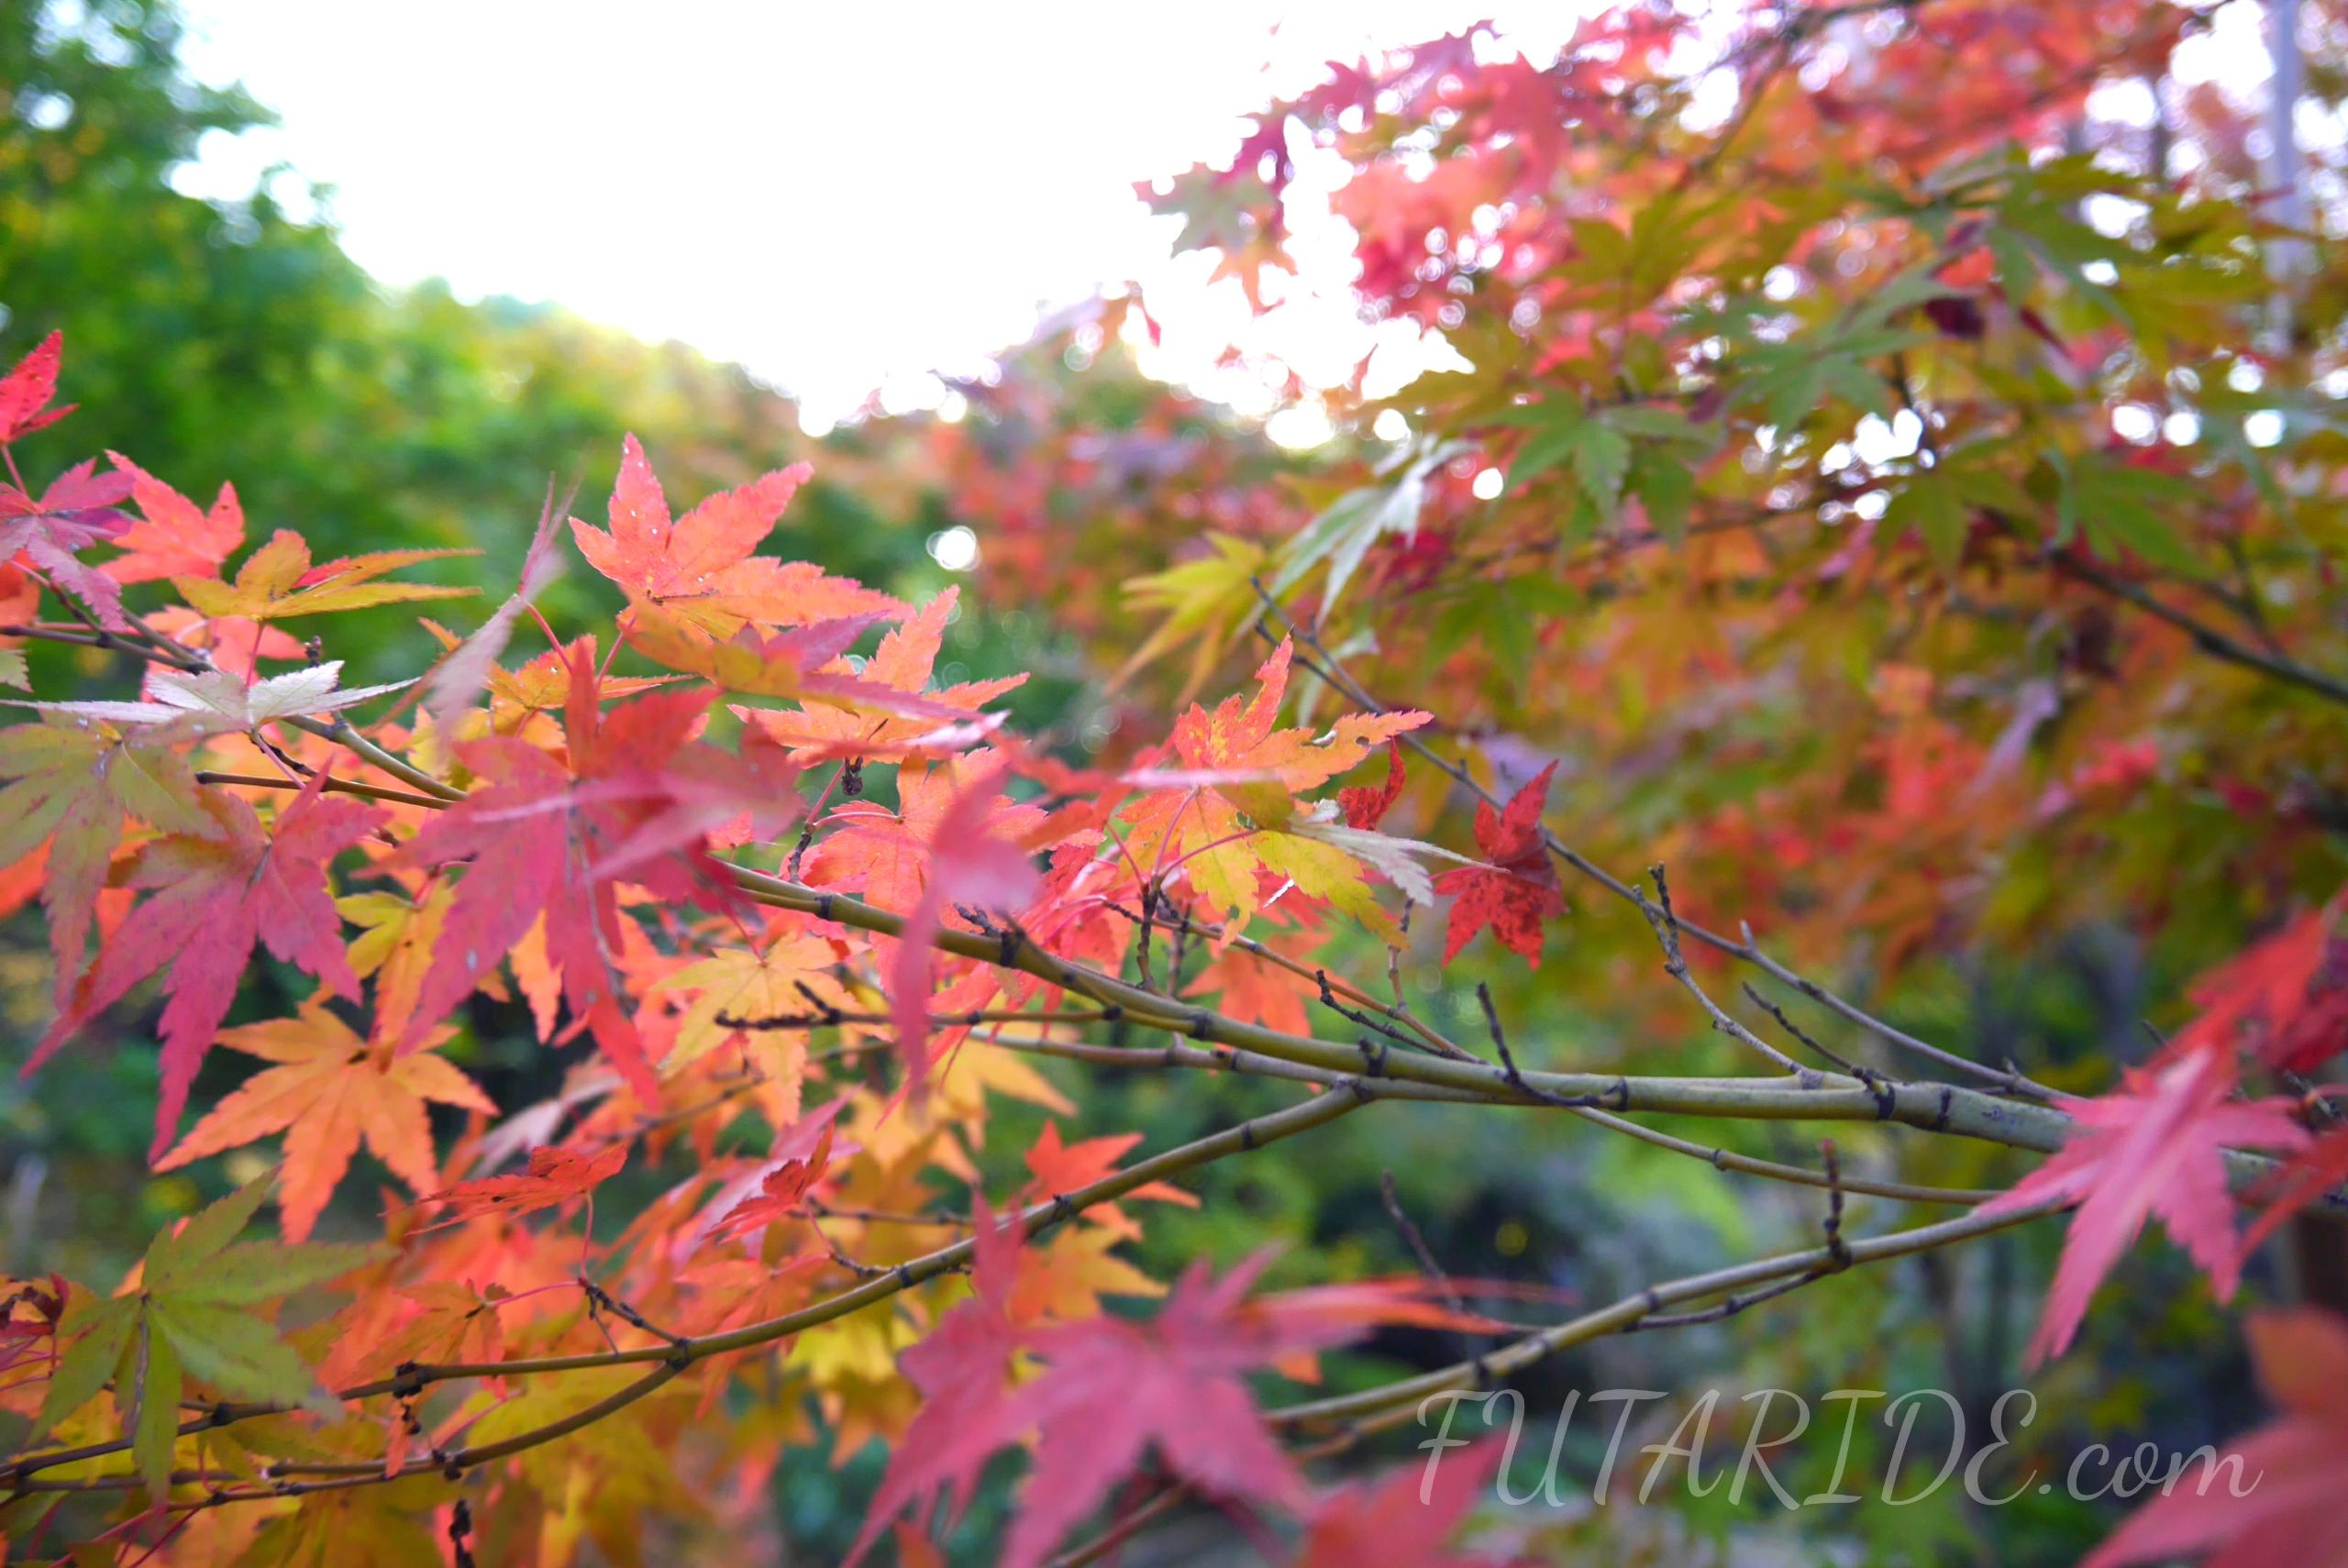 【白鳥庭園】紅葉と雪吊りのライトアップは圧巻!紅葉の見頃・混雑情報まとめ【名古屋市熱田区】